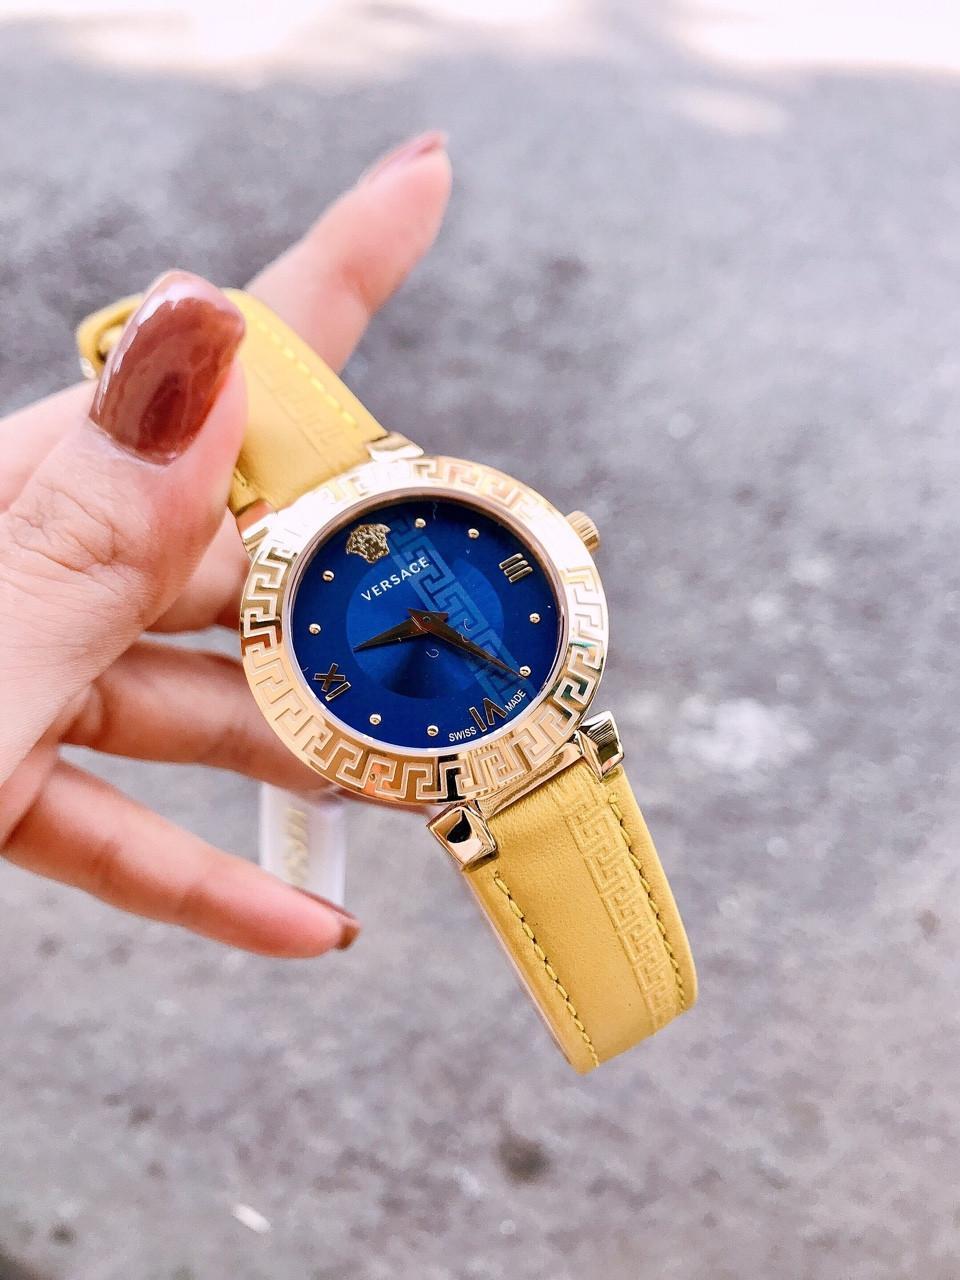 Đồng Hồ Thời Trang Nữ Versace_Daphnis - Dây Da Cao Cấp - Size 36 mm - FULLBOX bán chạy